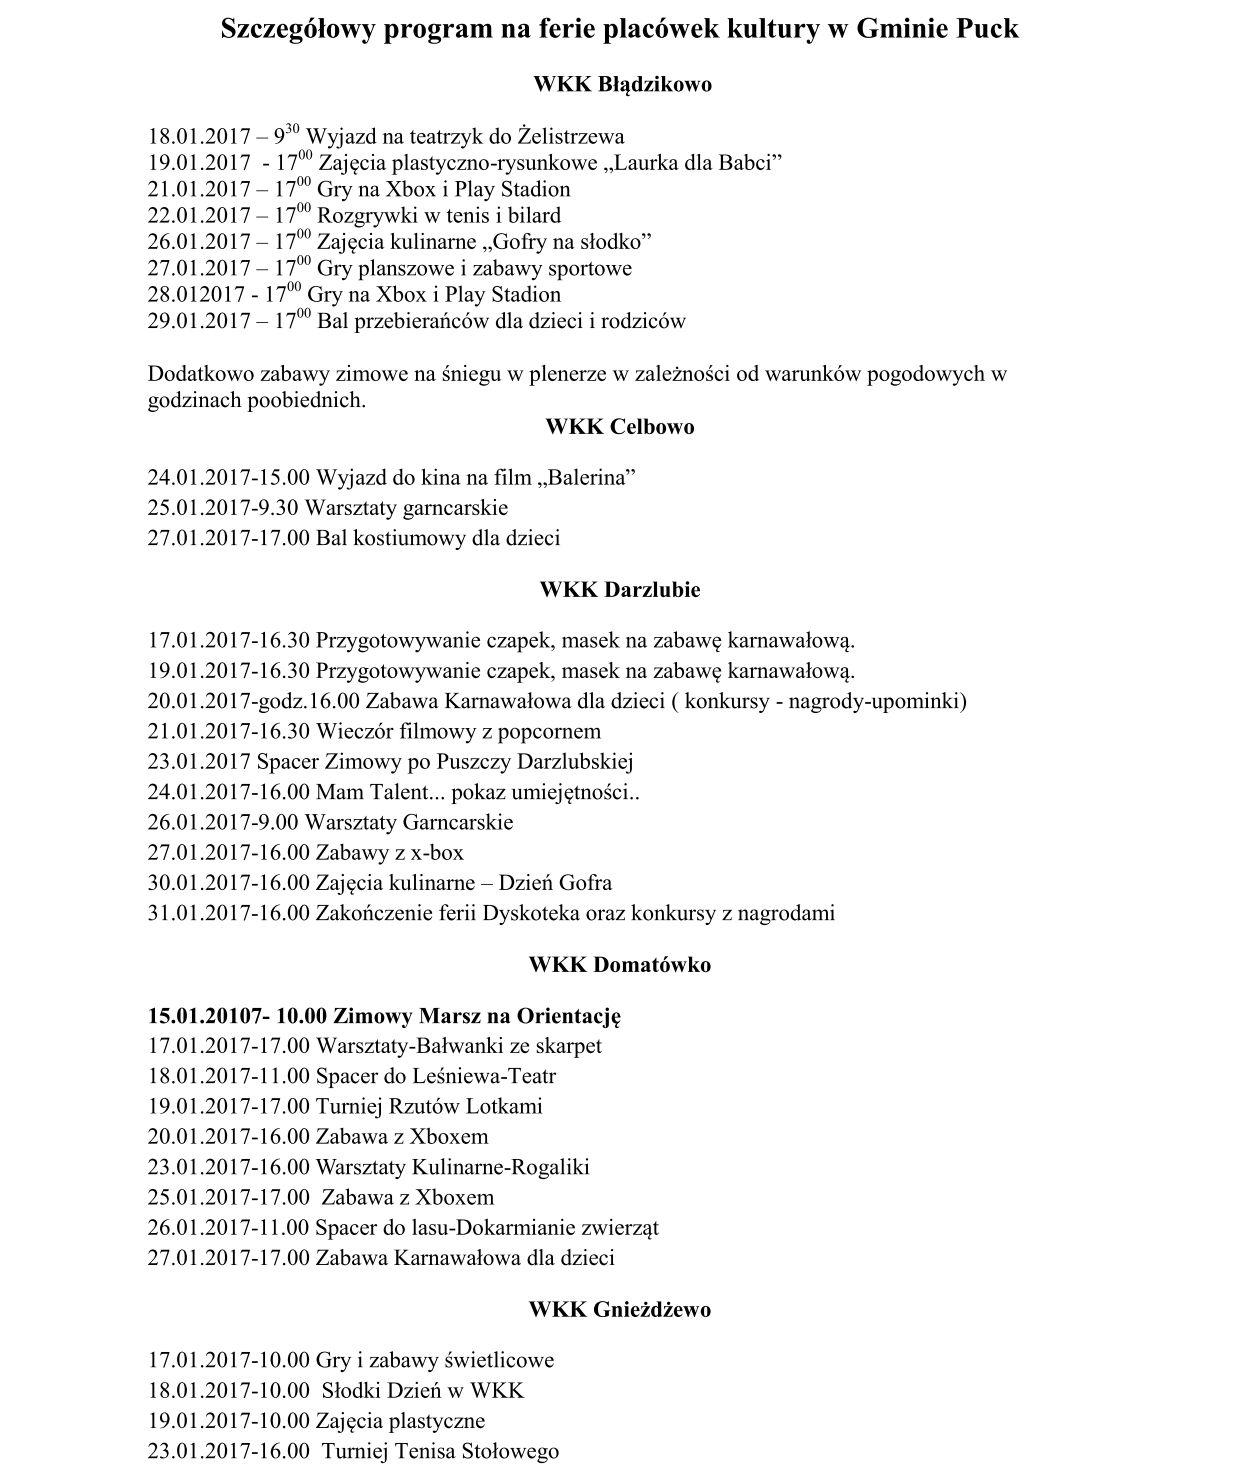 Szczegółowy program na ferie placówek kultury w Gminie Puck-1_01